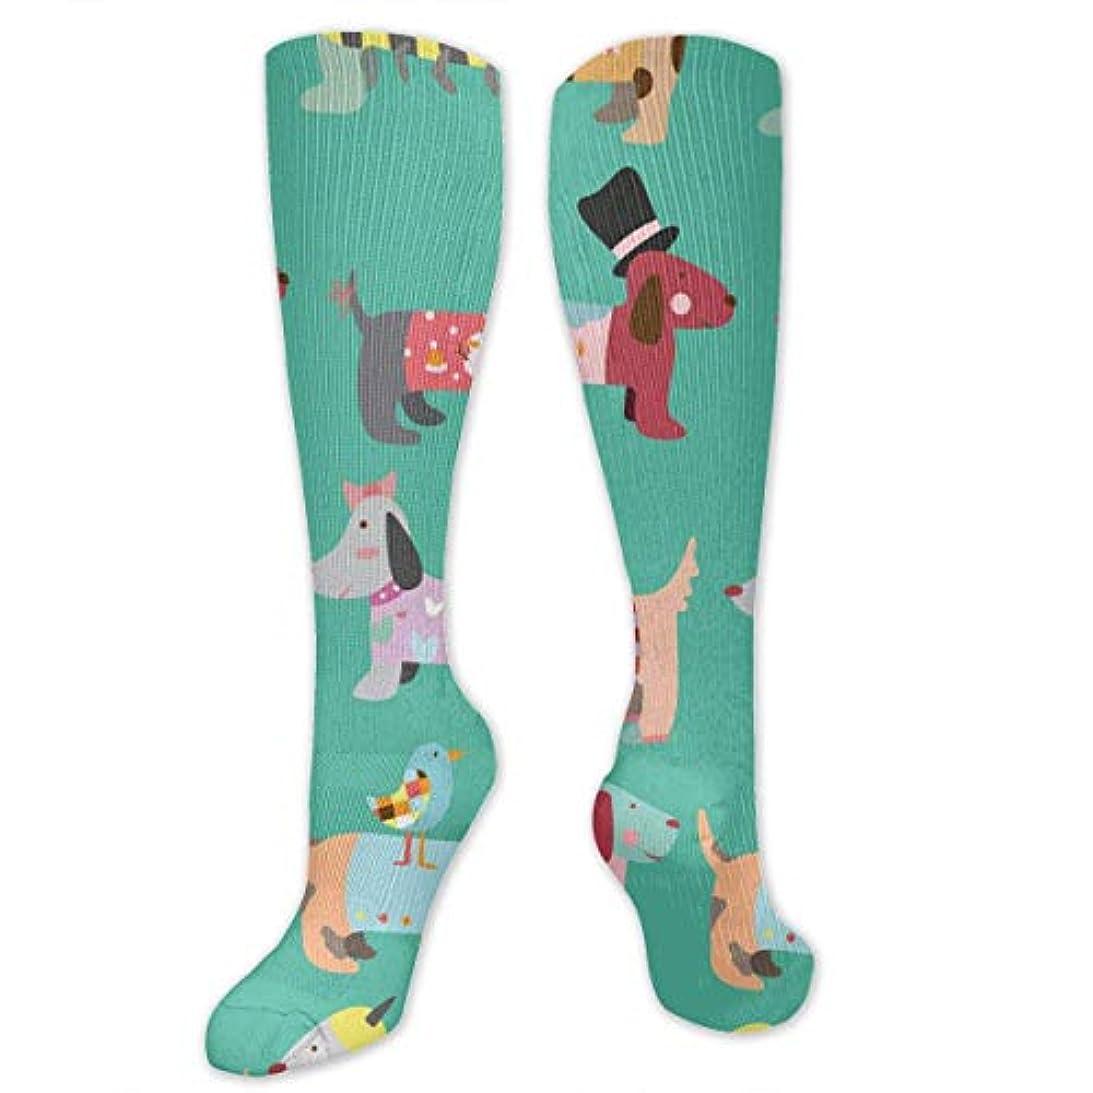 連隊くそー製造業靴下,ストッキング,野生のジョーカー,実際,秋の本質,冬必須,サマーウェア&RBXAA Women's Winter Cotton Long Tube Socks Knee High Graduated Compression...